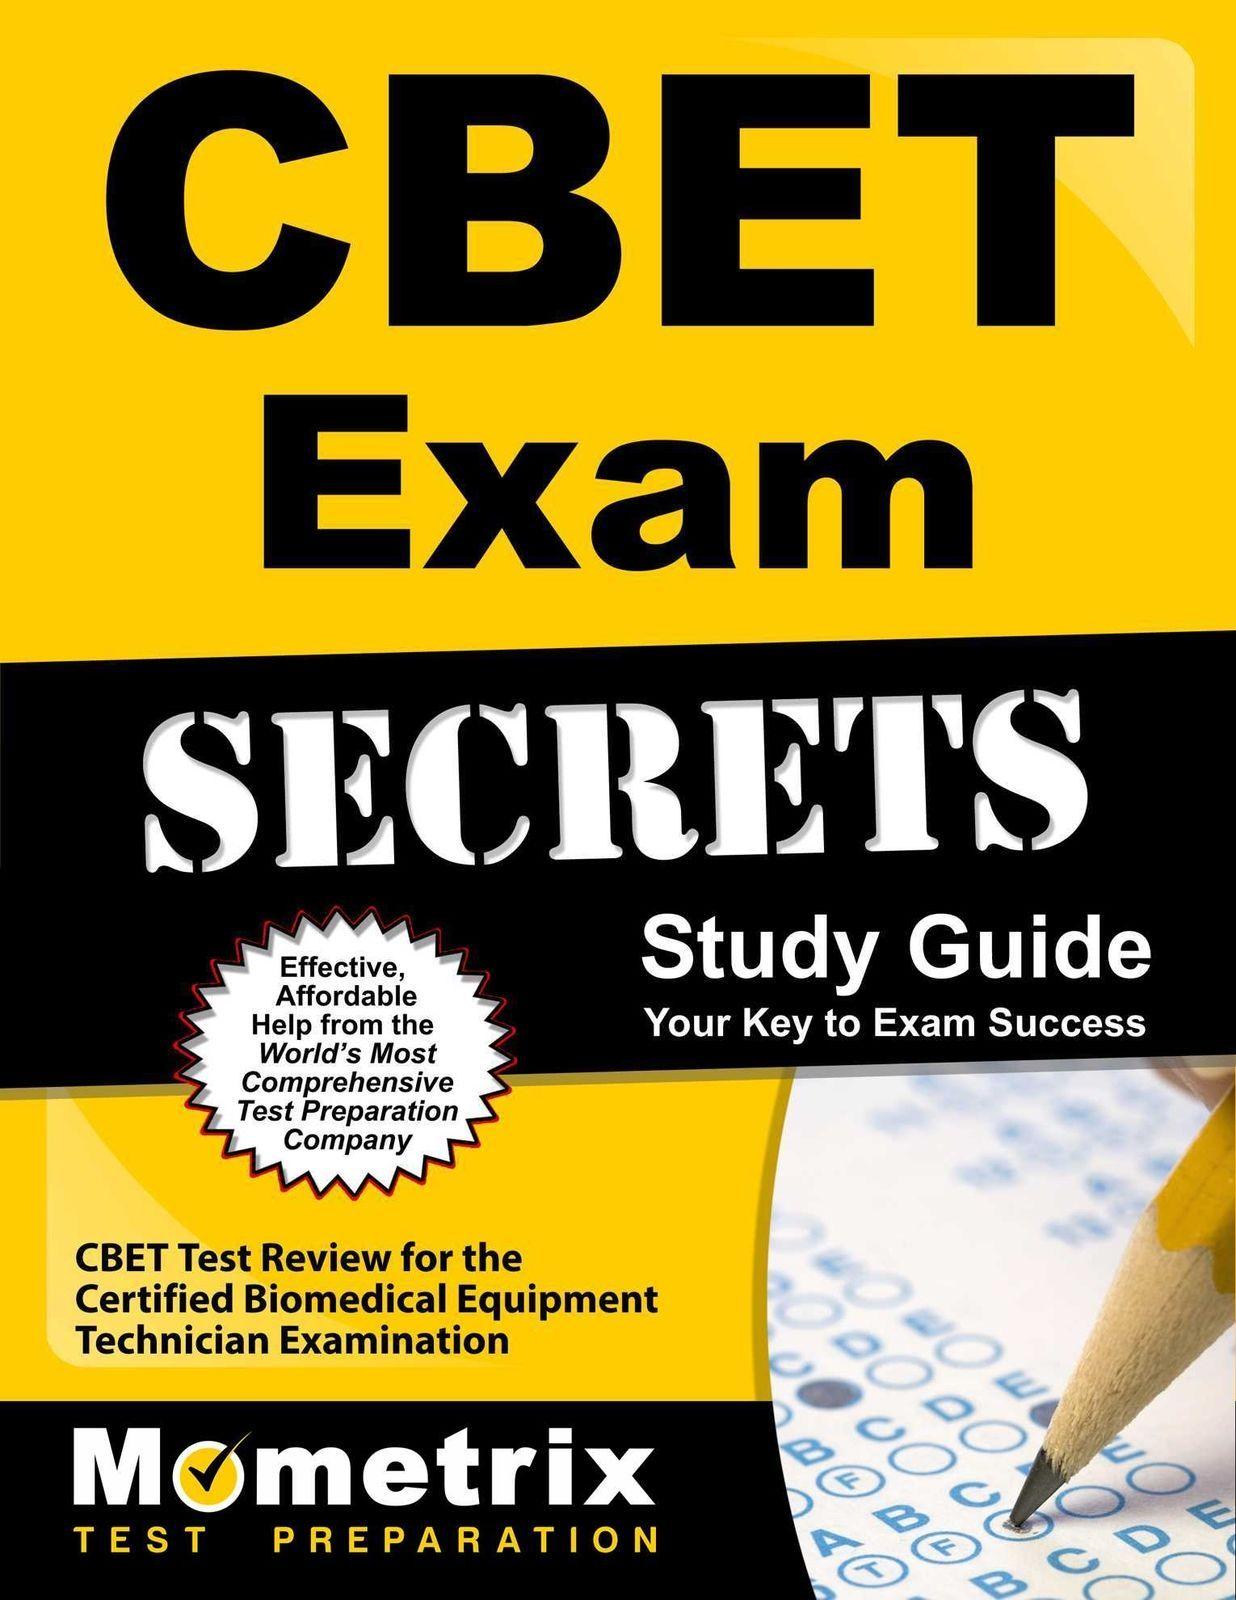 Cbet Exam Secrets Study Guide